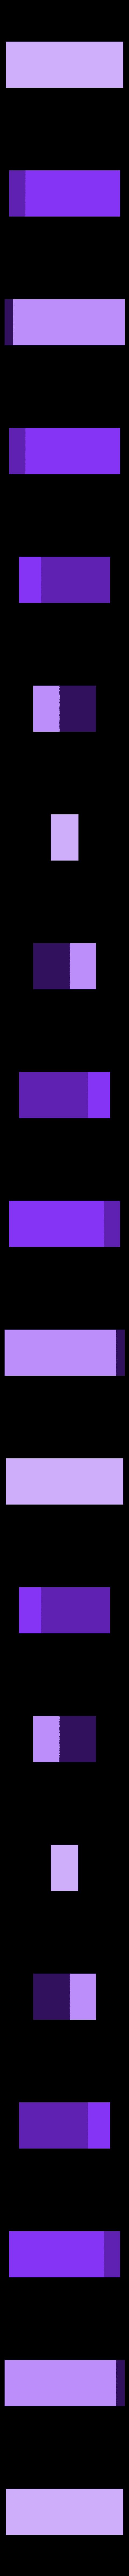 GBN_Charge_circuit_supporter.stl Télécharger fichier STL gratuit Pi Zero - Gameboy NANO • Design imprimable en 3D, Lassaalk